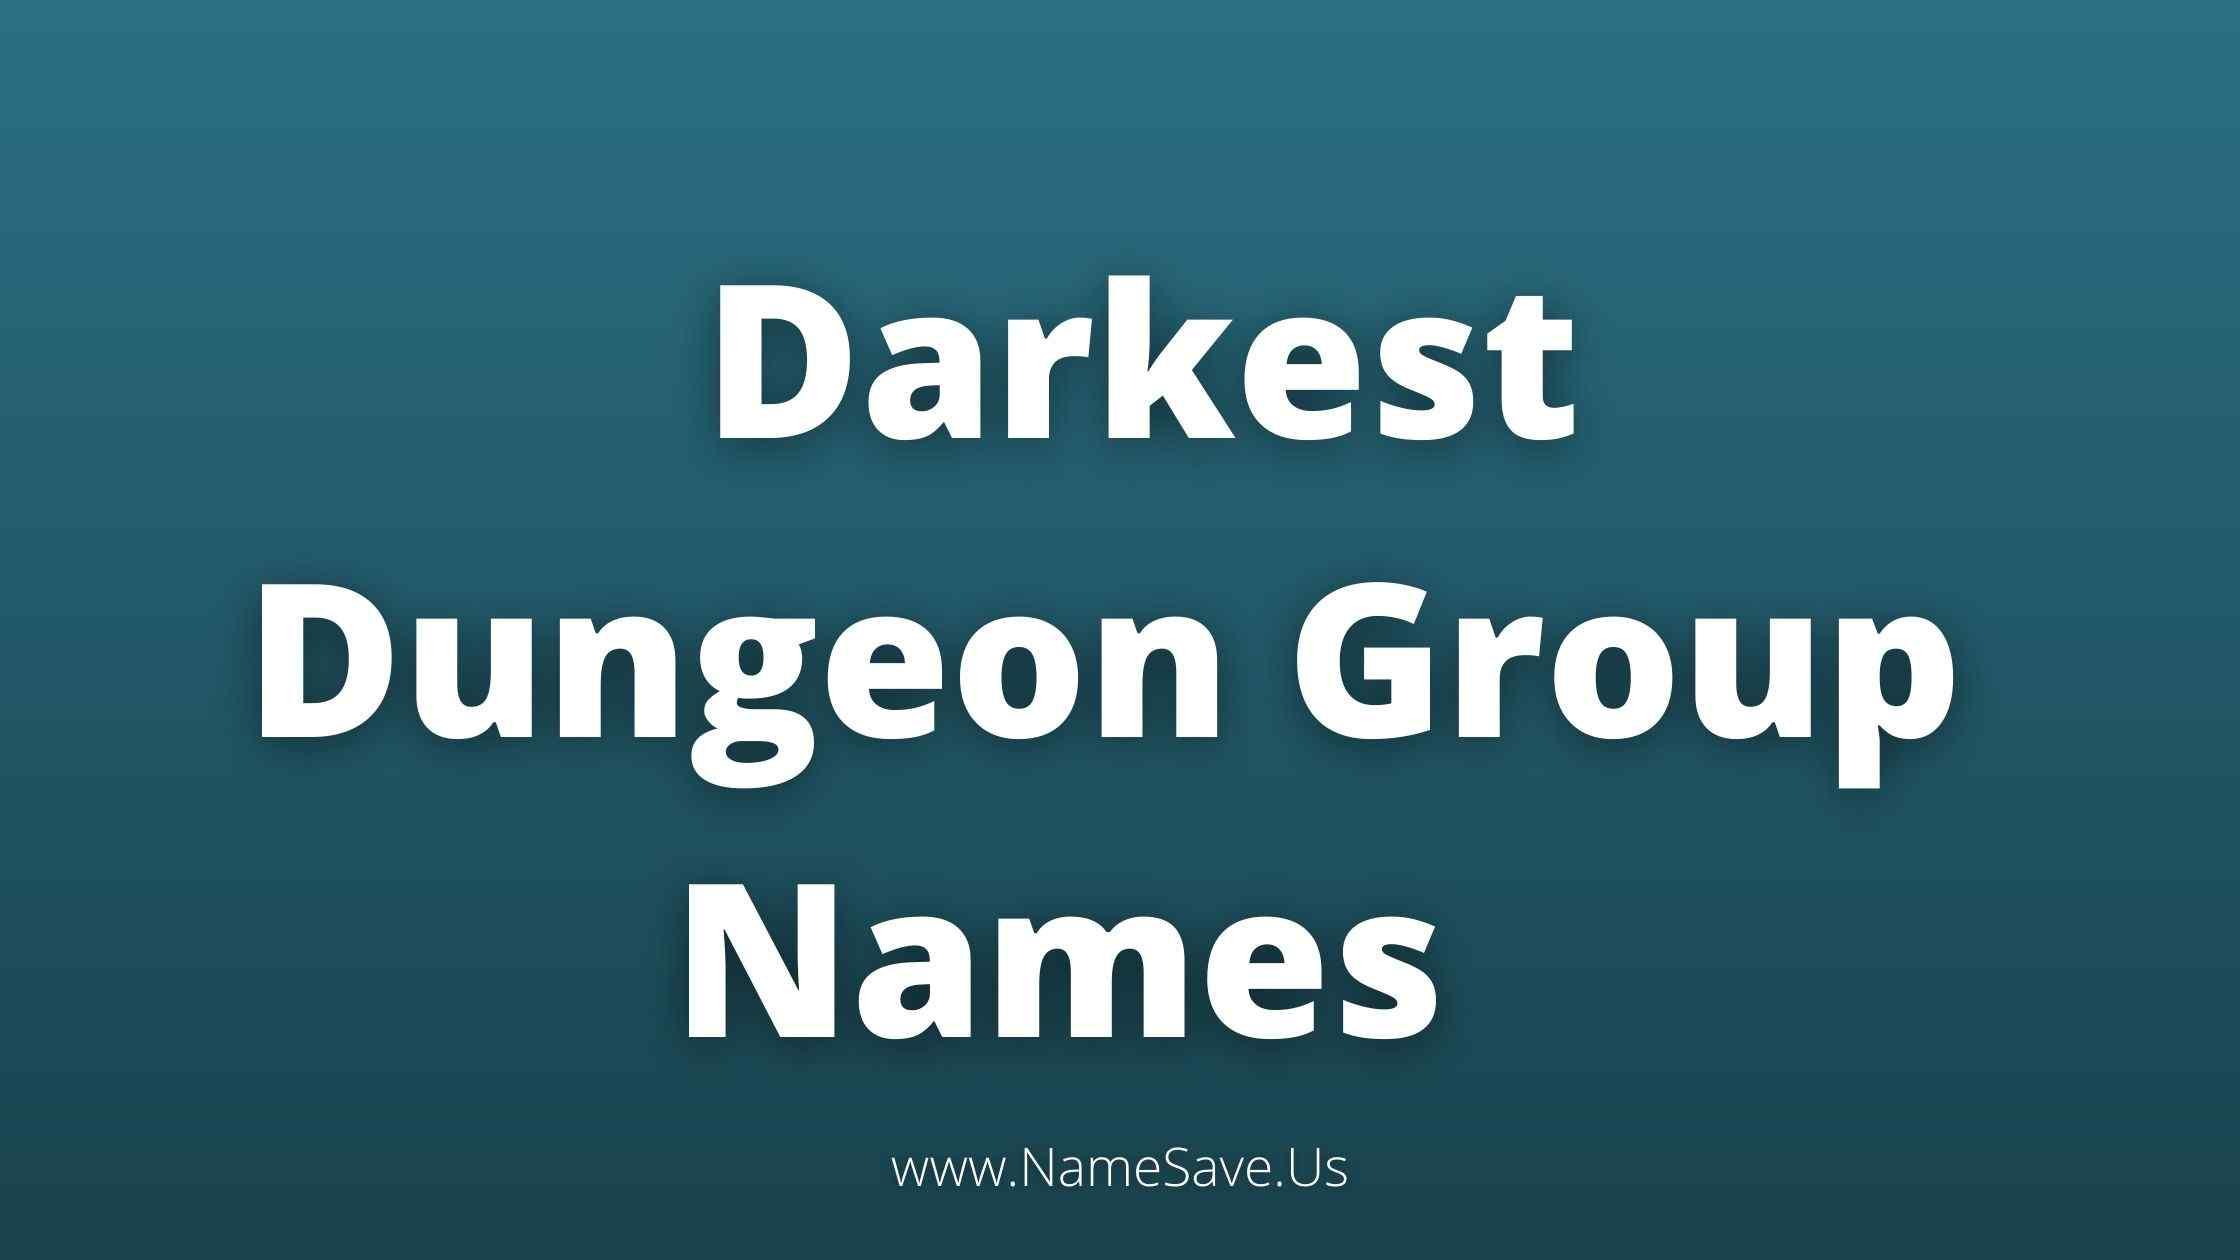 Darkest Dungeon Group Names List